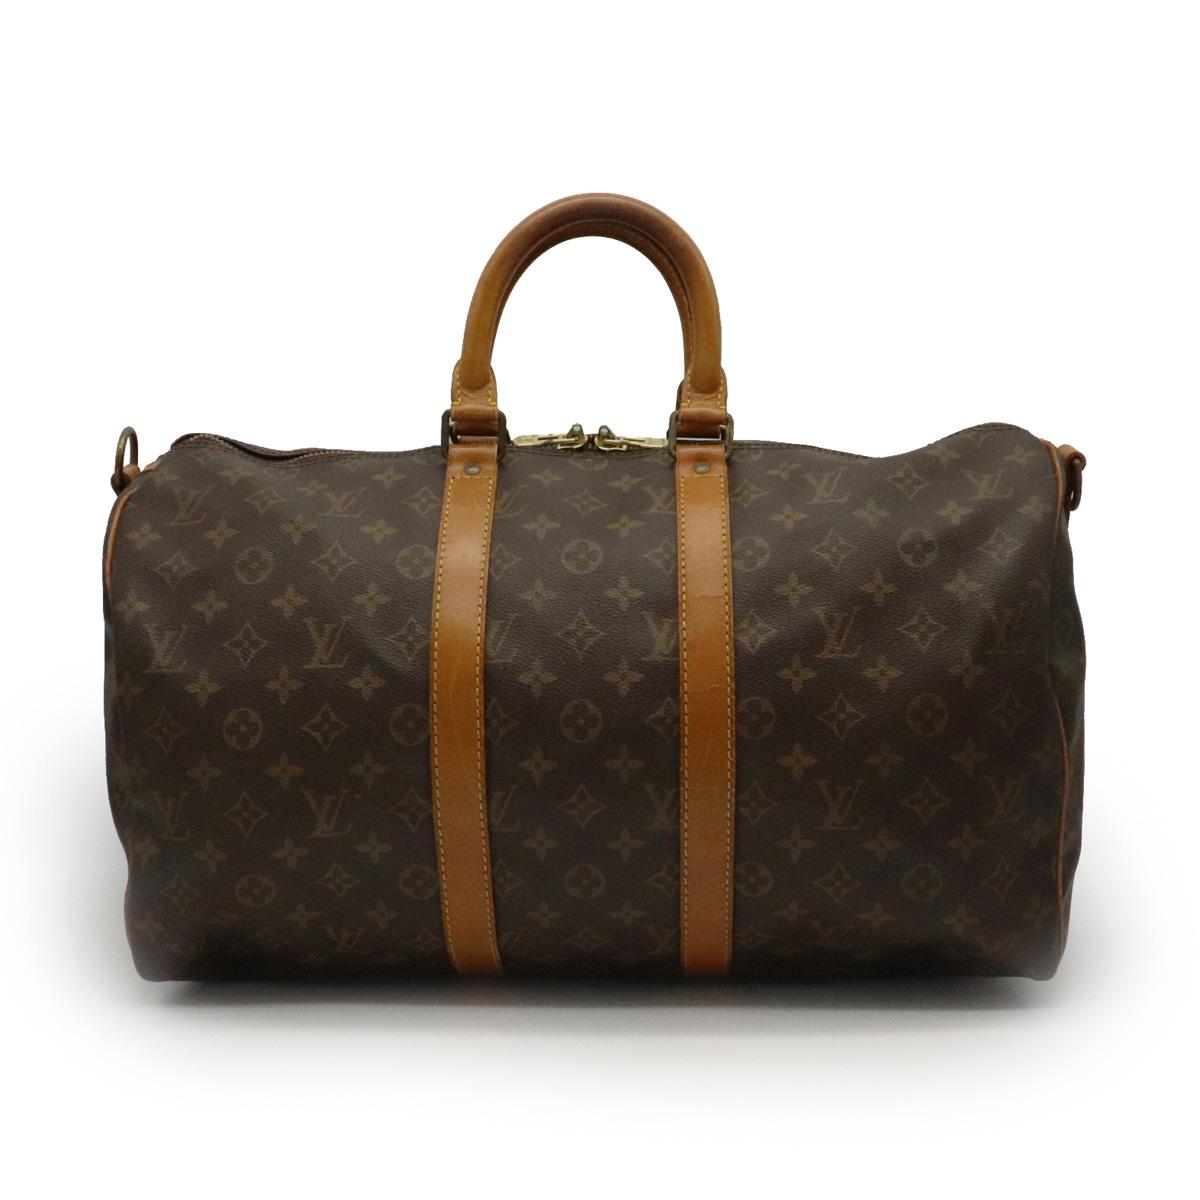 【バッグ】LOUIS VUITTON ルイ ヴィトン モノグラム キーポル バンドリエール45 ボストンバッグ ハンドバッグ 旅行カバン ストラップ欠品 M41418 【中古】